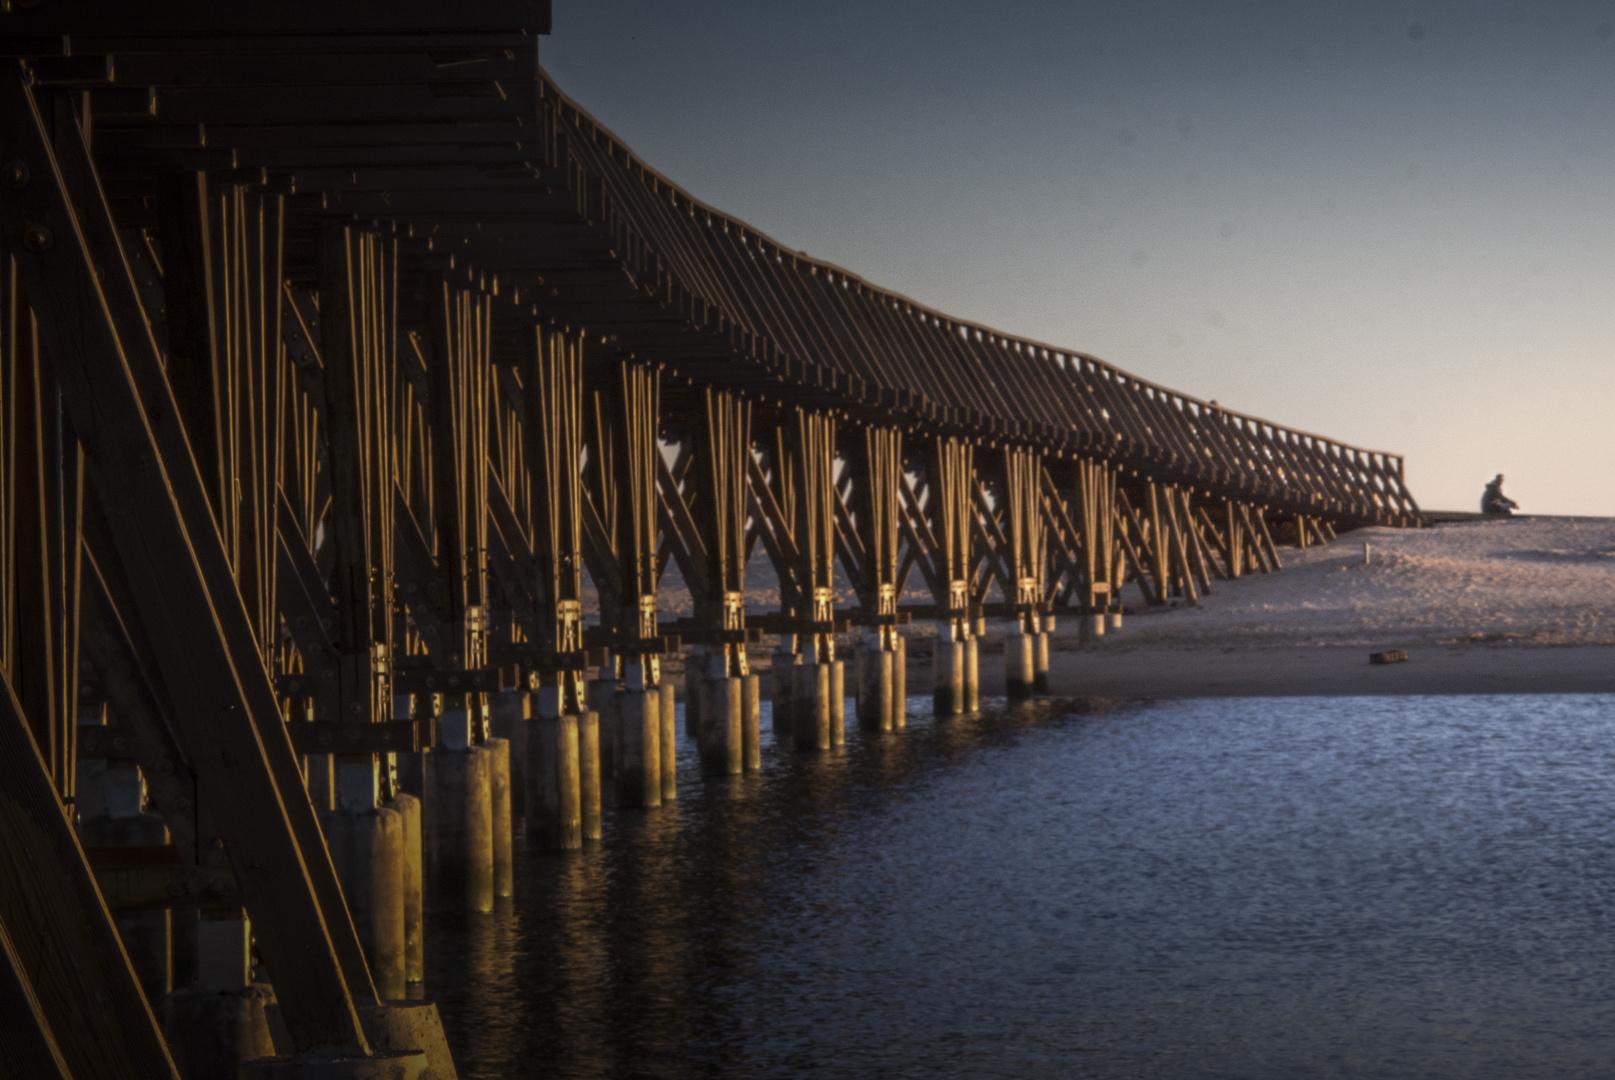 Al final del puente, alguien encontró la luz